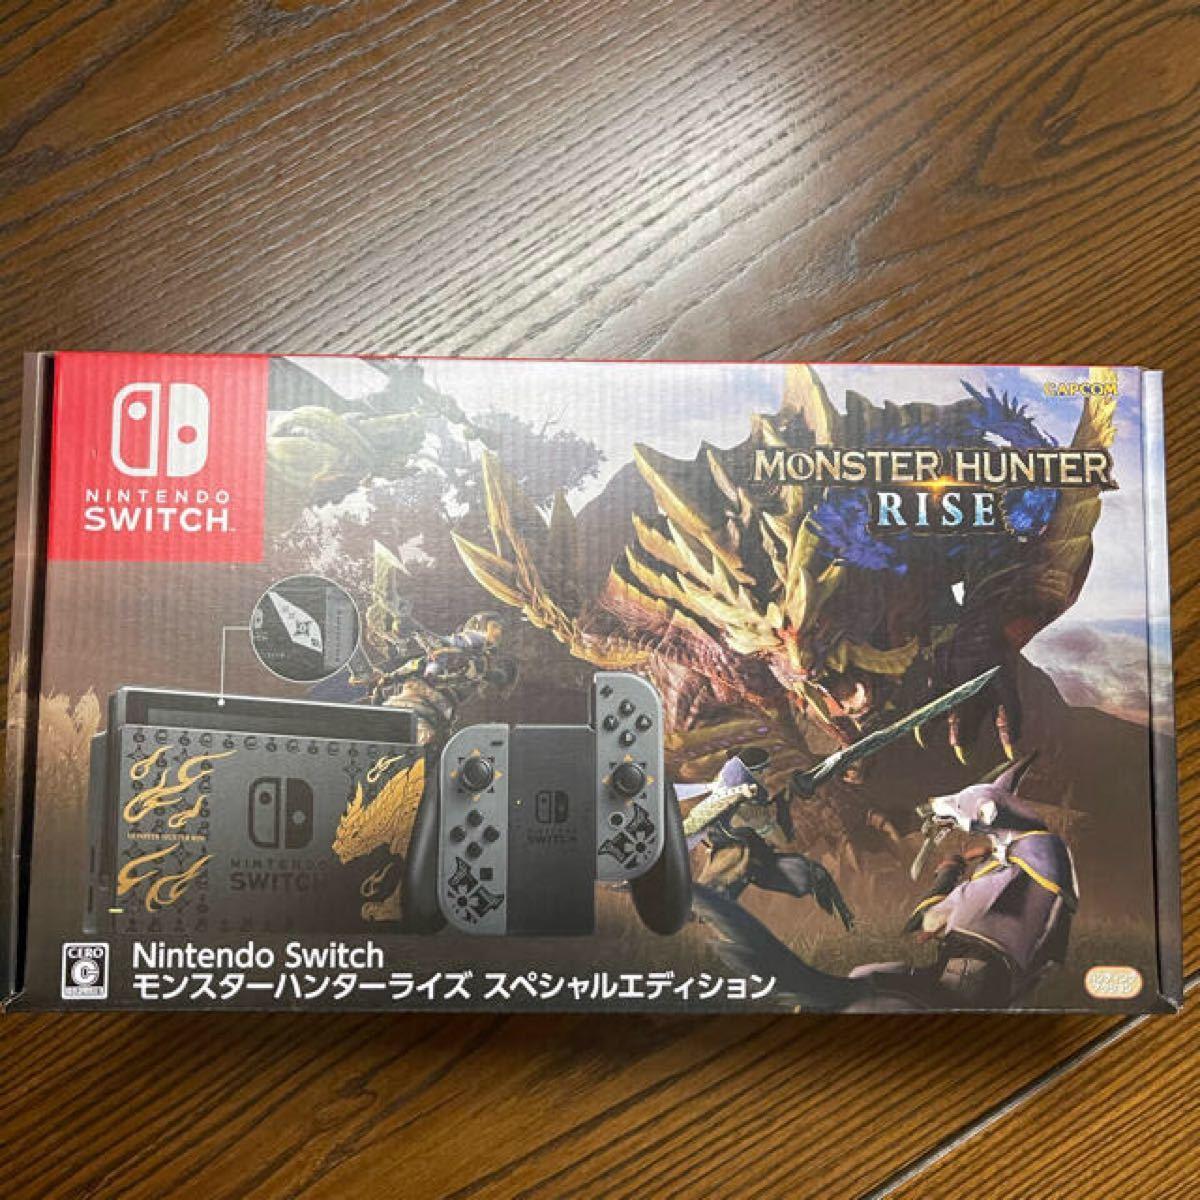 Nintendo Switch 任天堂 モンスターハンターライズスペシャルエディション